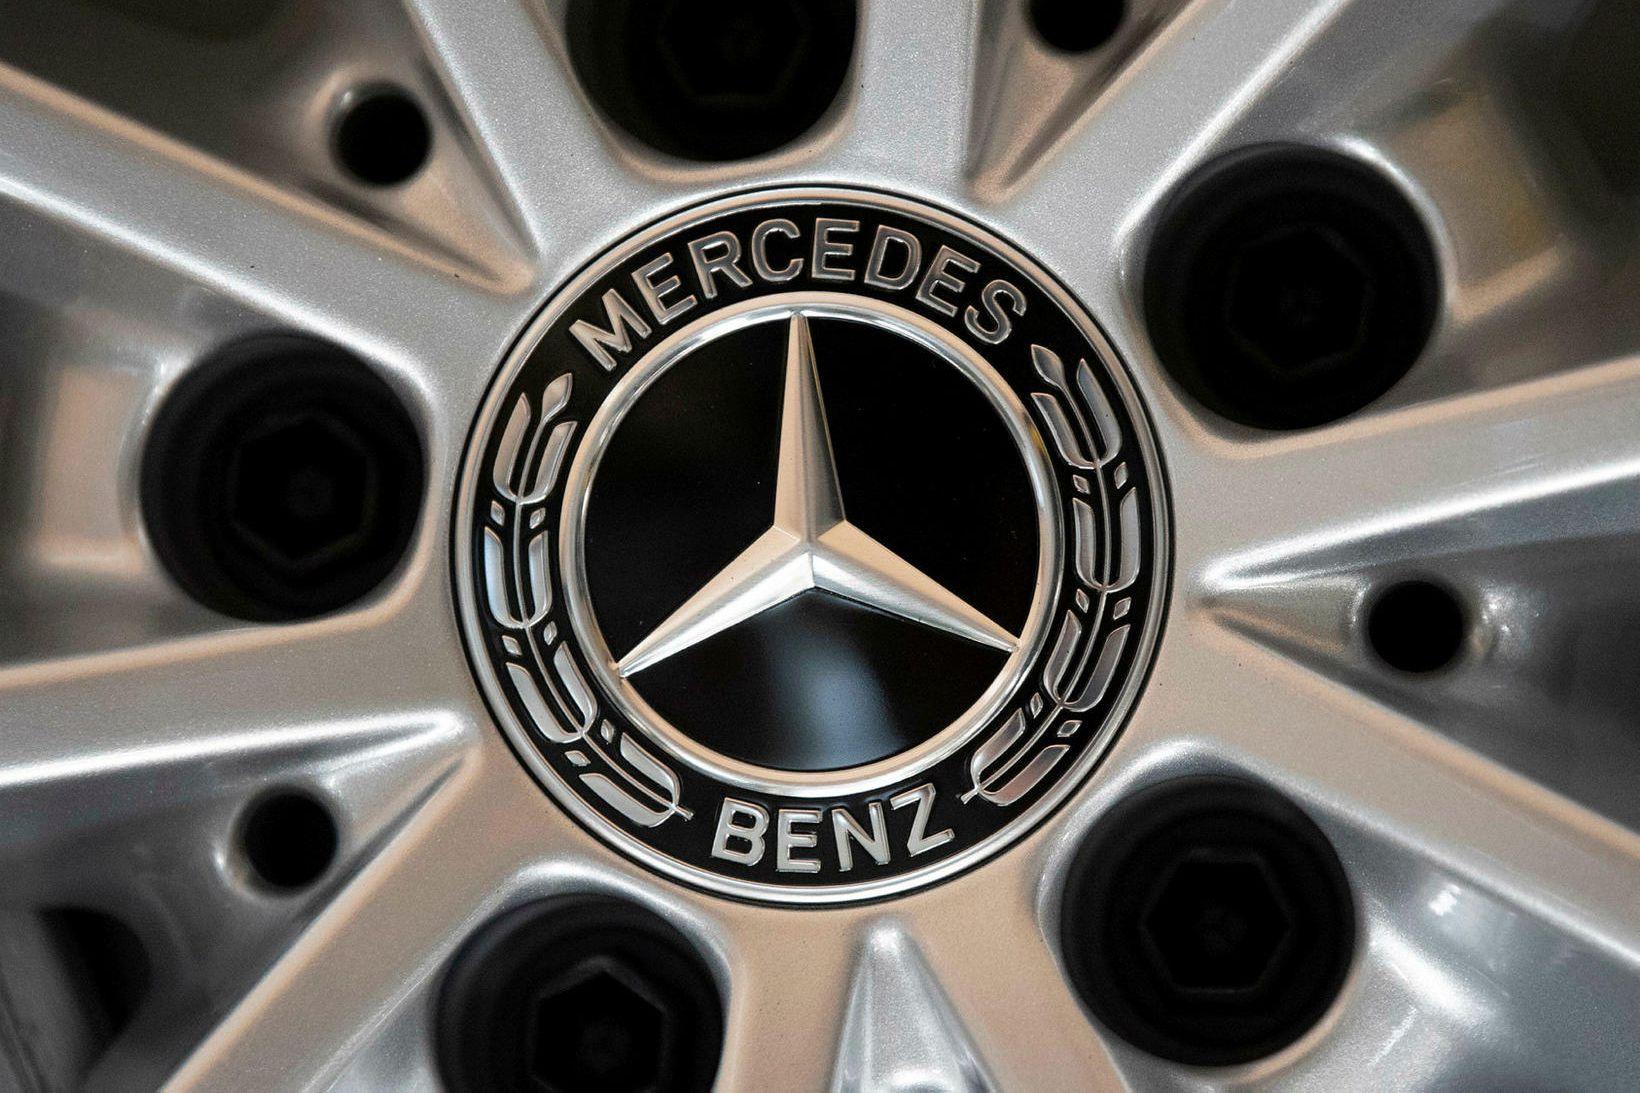 Það hefur reynst Daimler dýrt að fjárfesta í þróun rafbílatækni, …